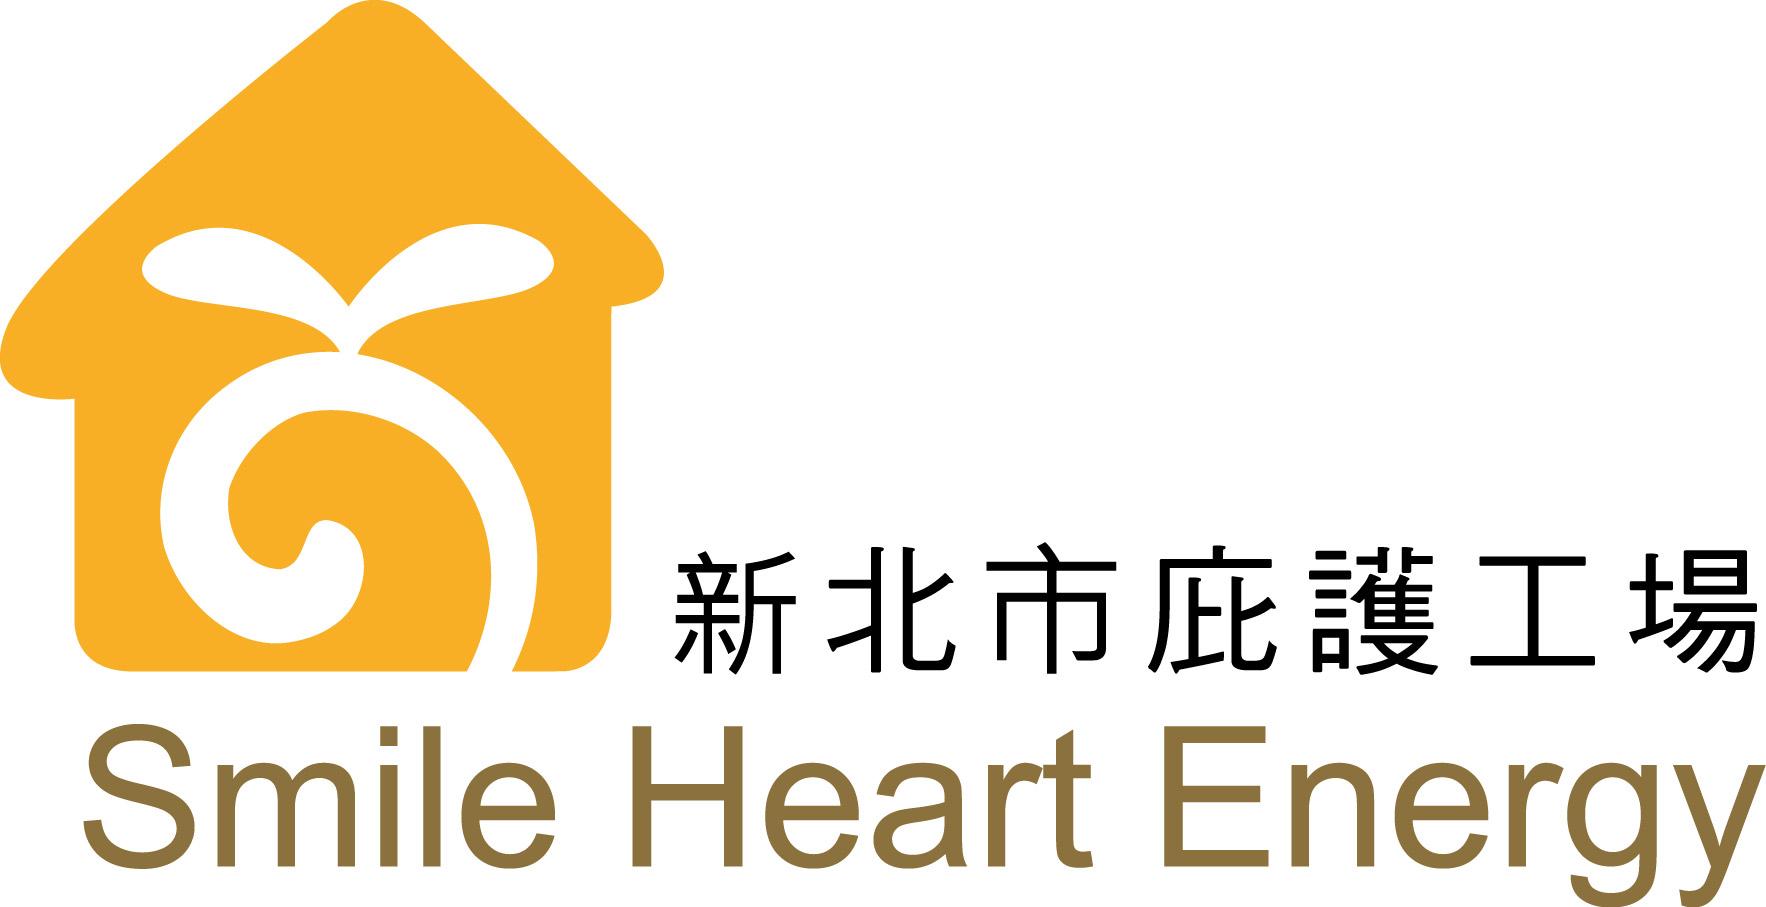 logo logo 标志 设计 矢量 矢量图 素材 图标 1766_907